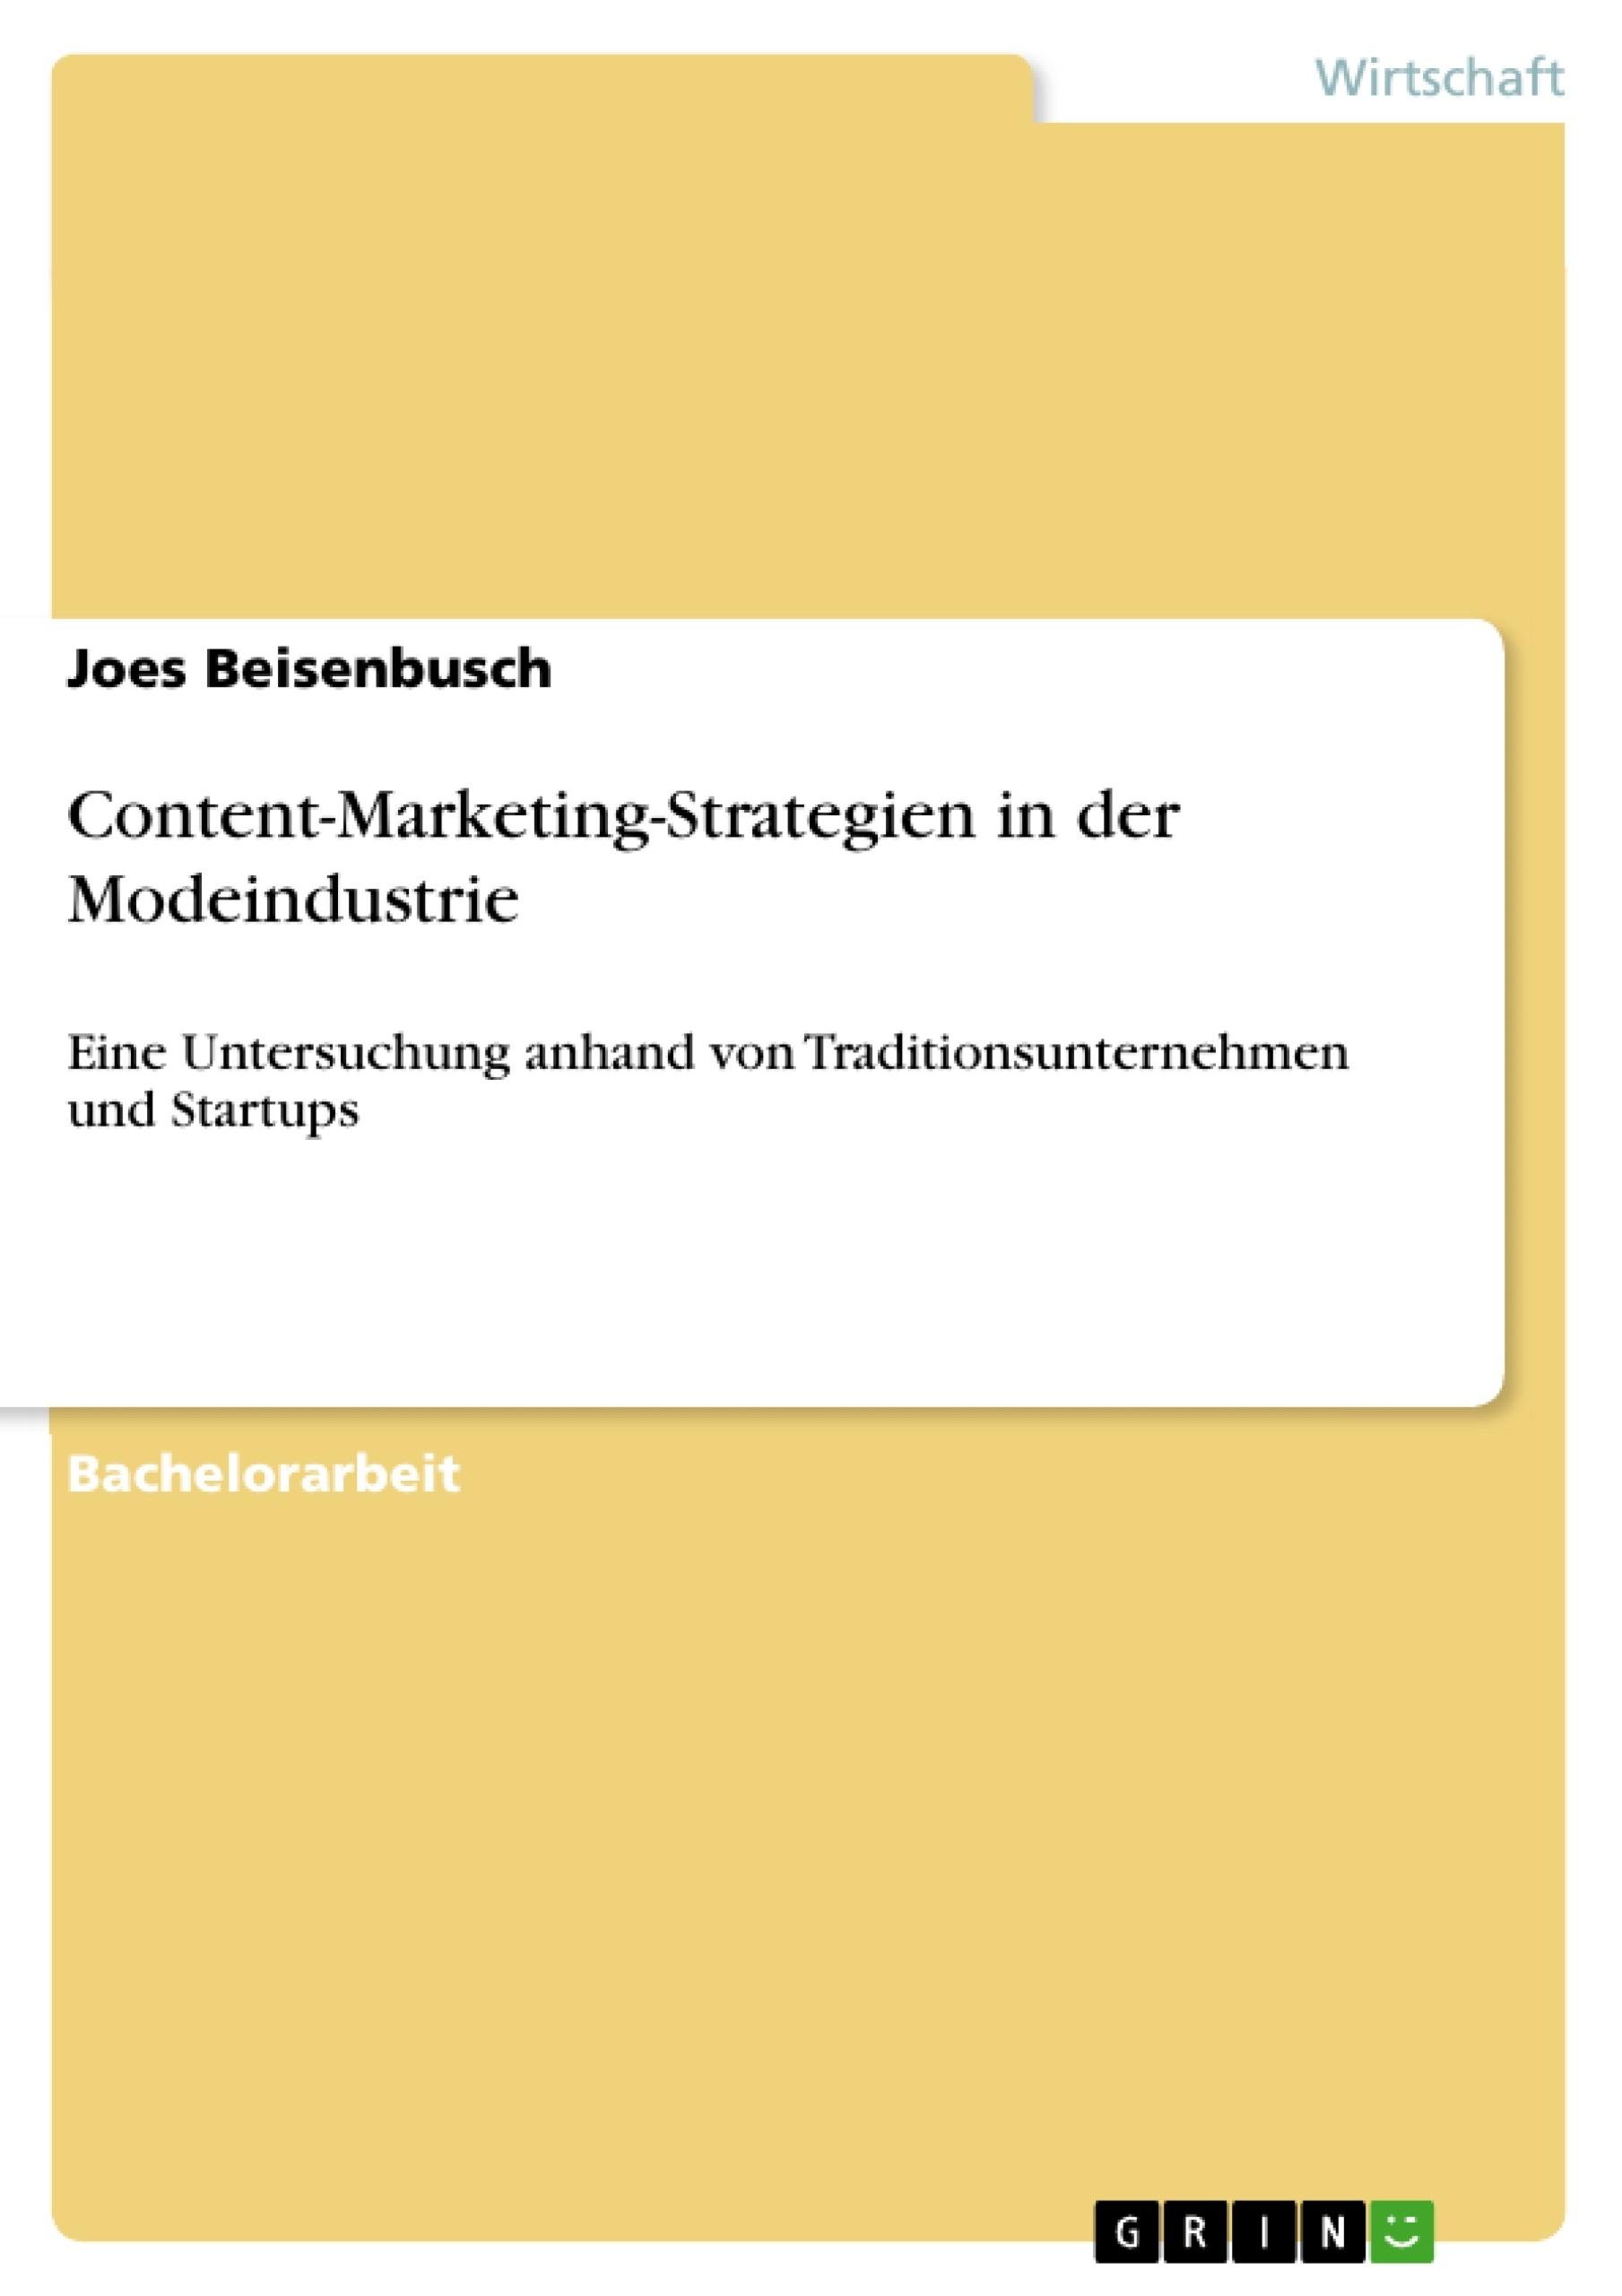 Titel: Content-Marketing-Strategien in der Modeindustrie